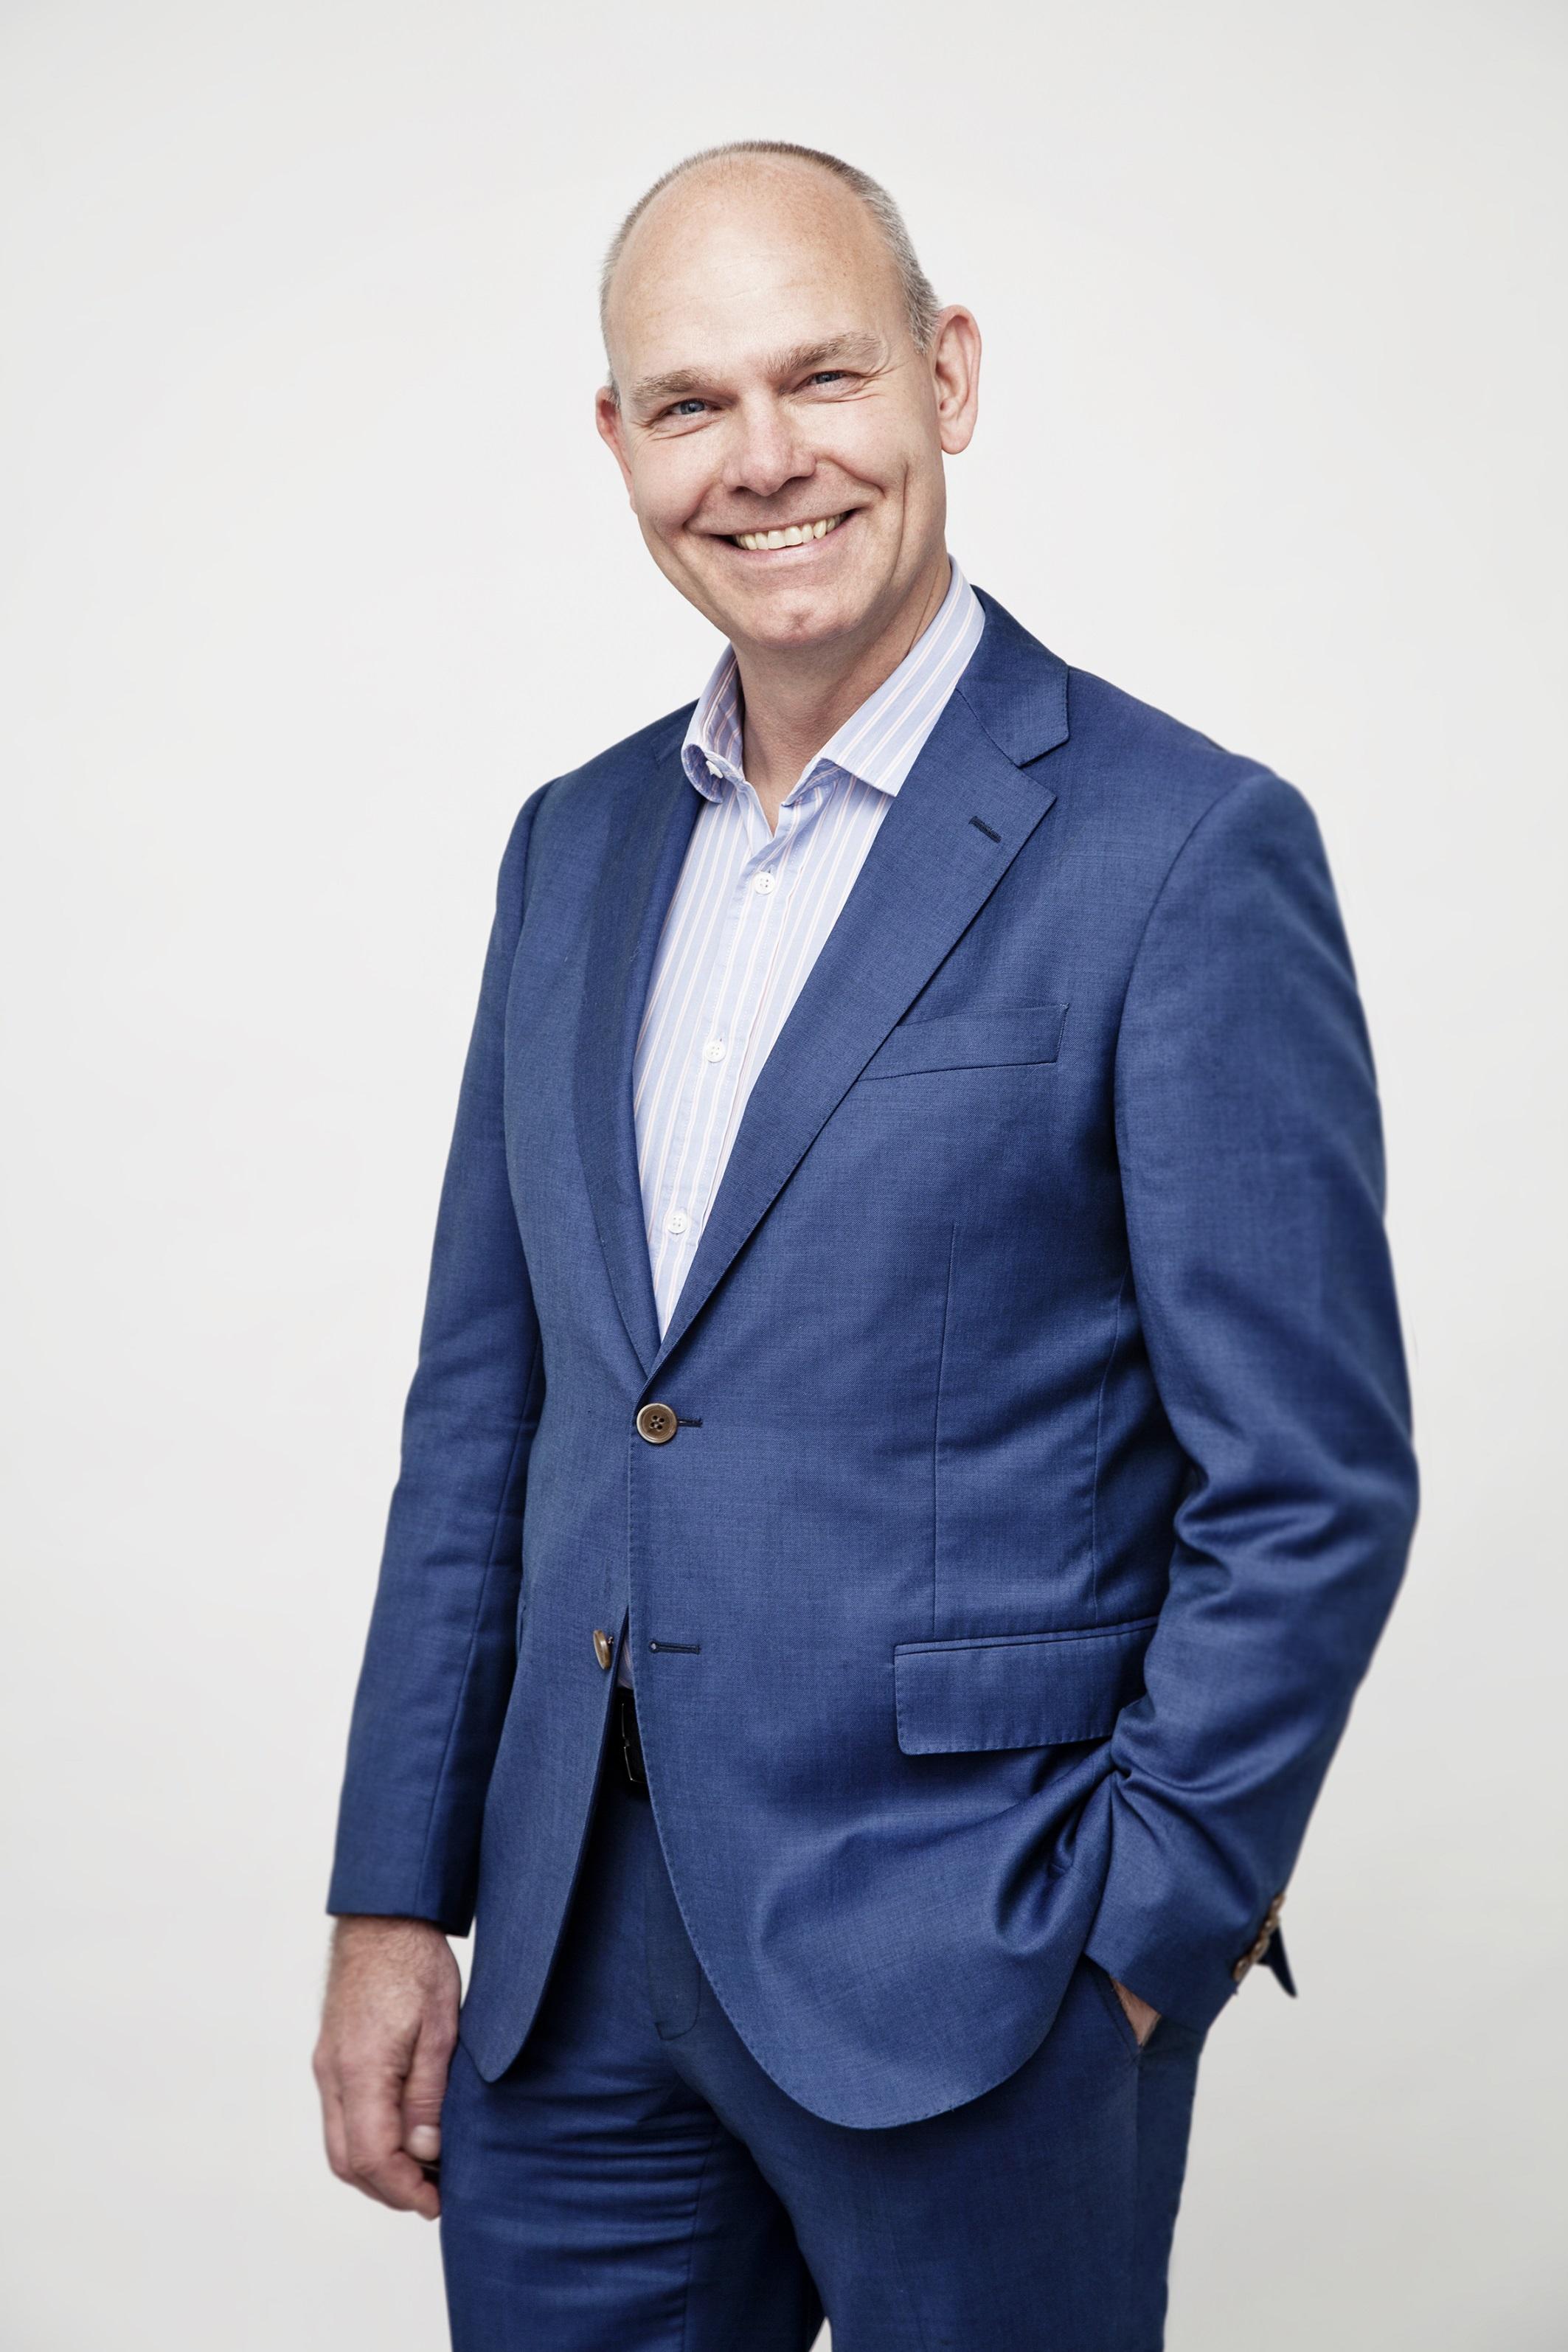 Pieter van Hengel gaat als consultant voor Thexton Armstrong in Haarlem en Kennemerland 'winstlekkage' bij MKB bedrijven te lijf